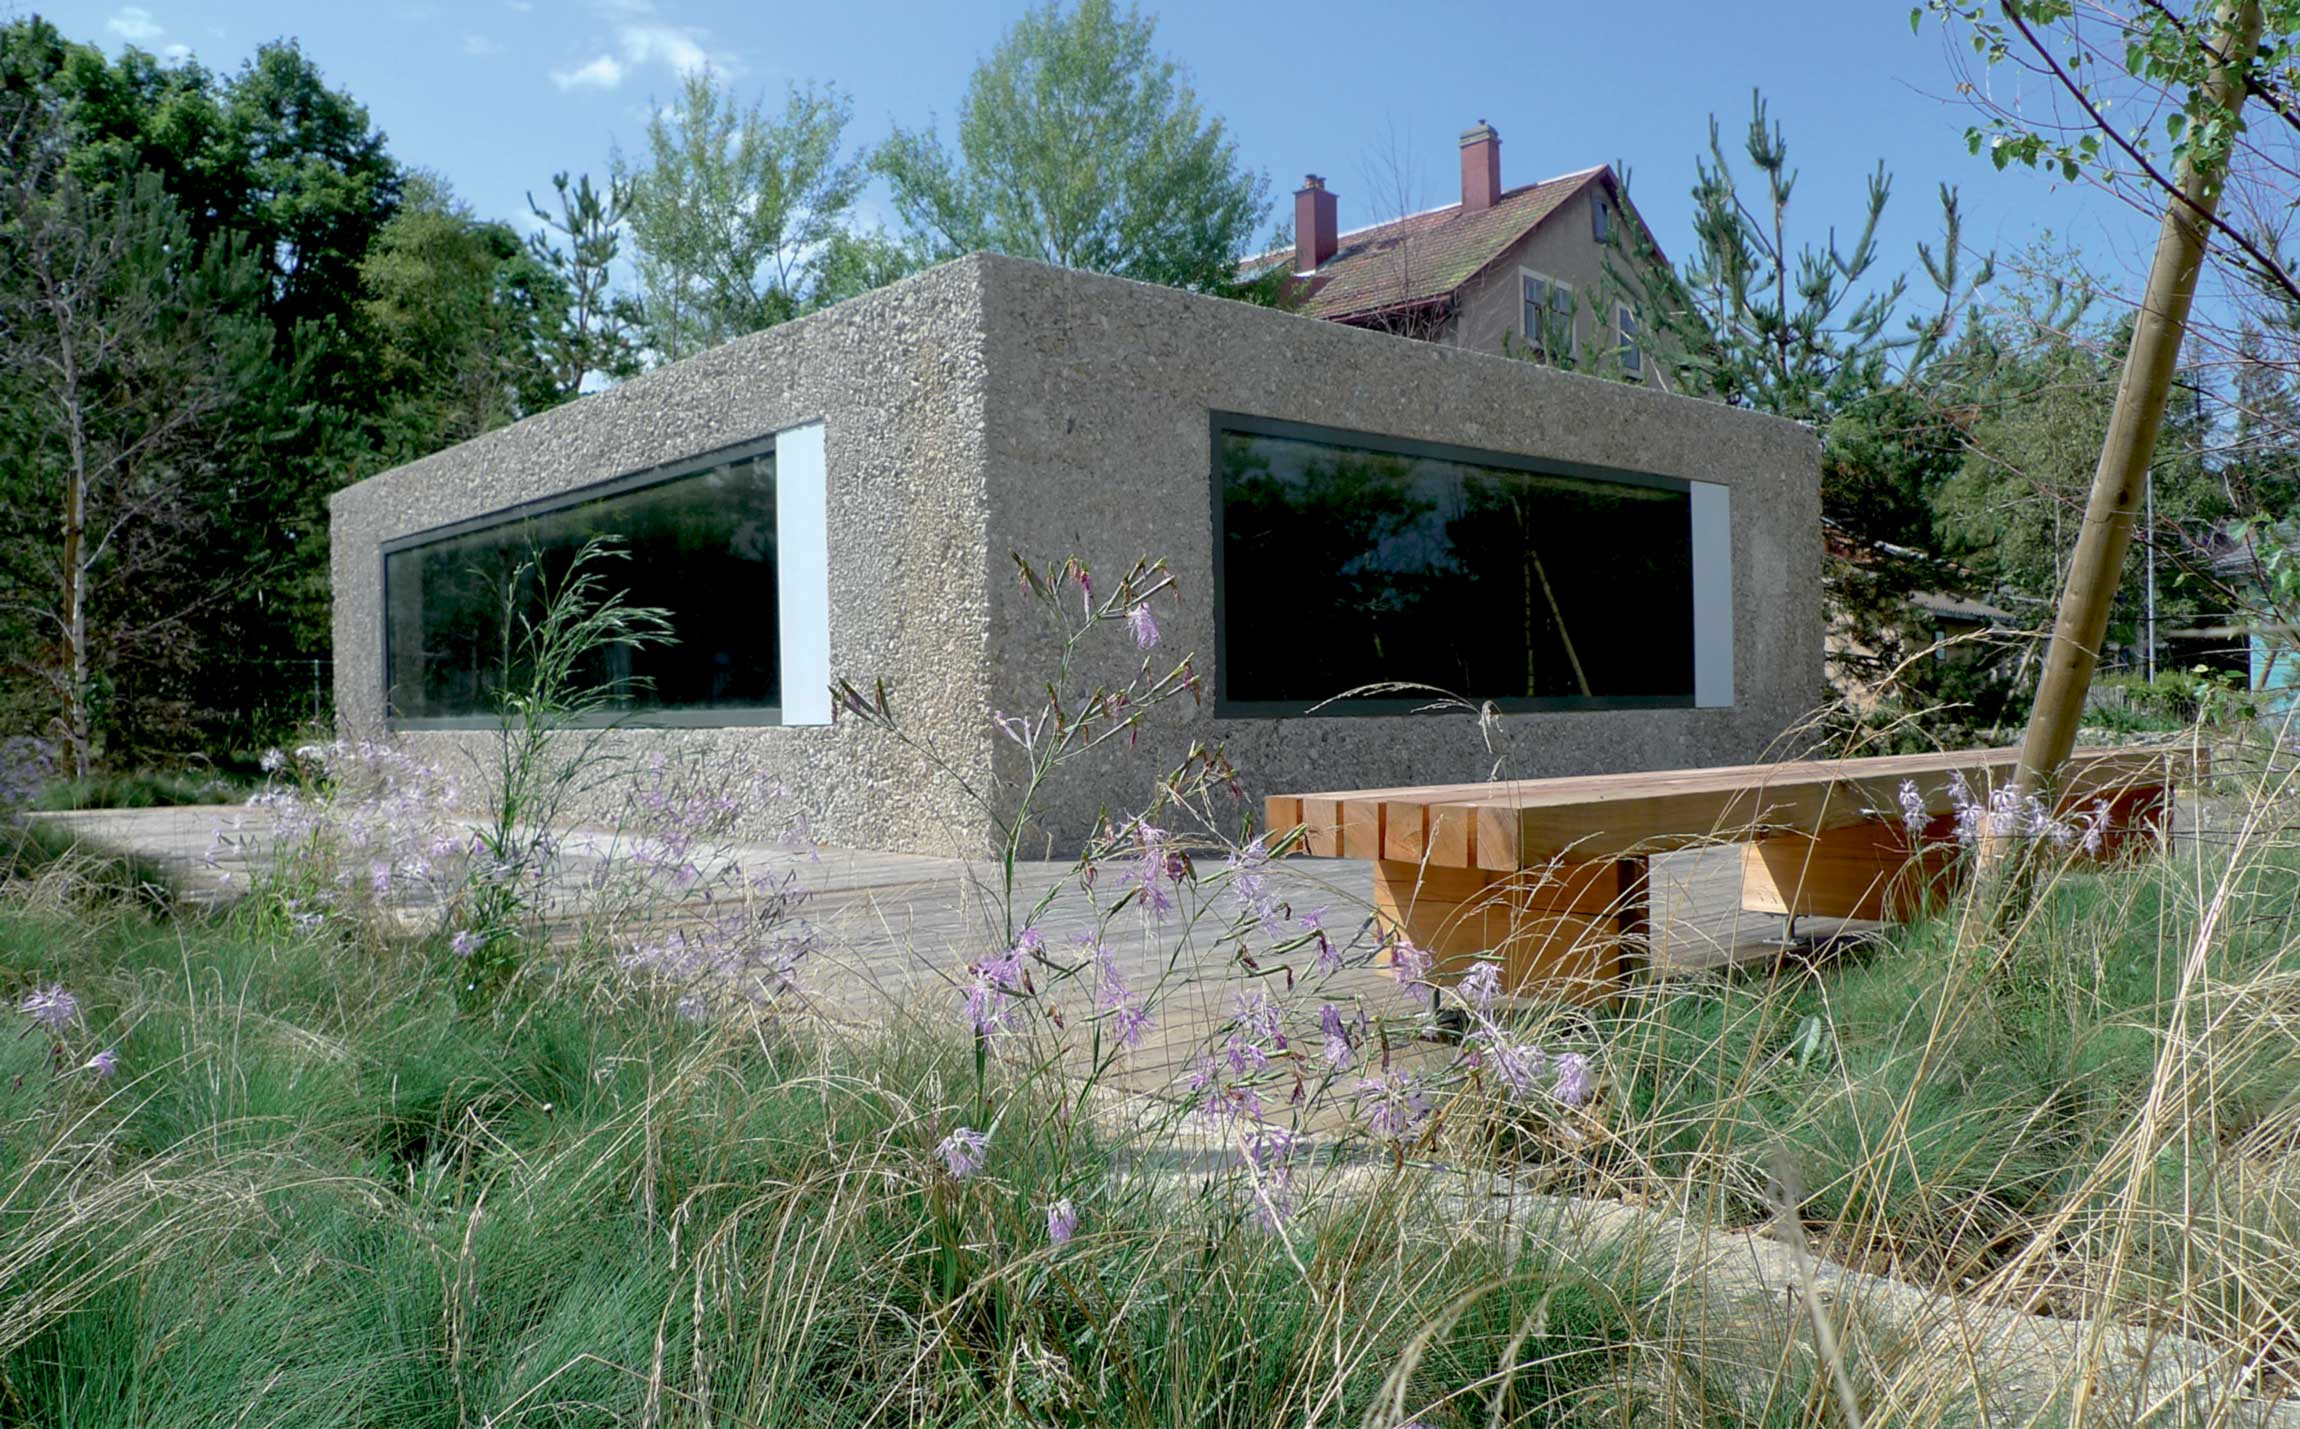 Le Jardin Du Temps, Le Brassus- Fondation Audemars Piguet serapportantà Fondation Abri De Jardin